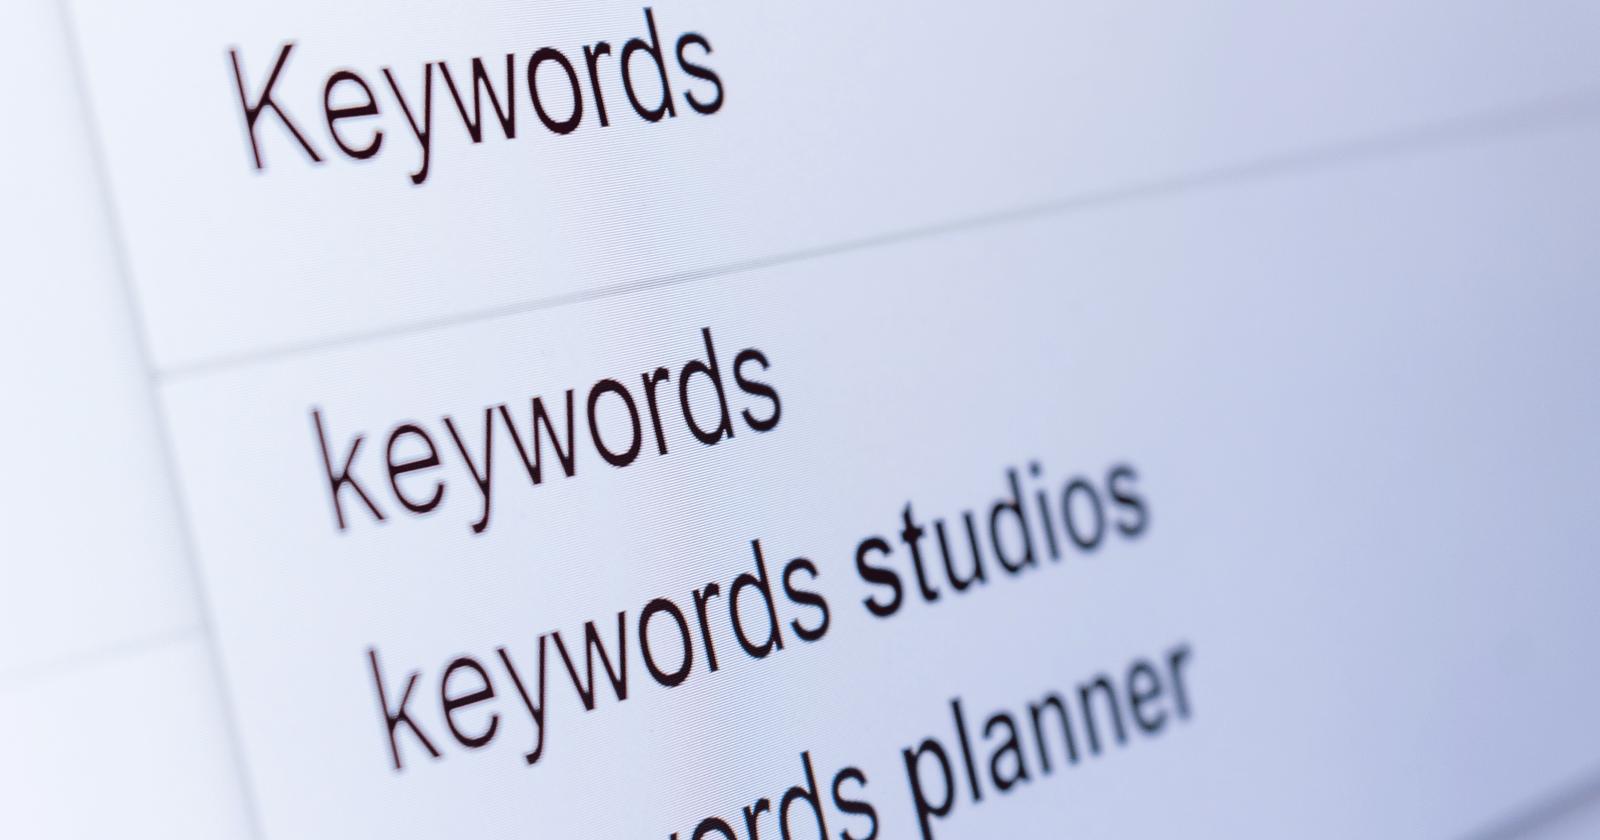 errores de posicionamiento keywords